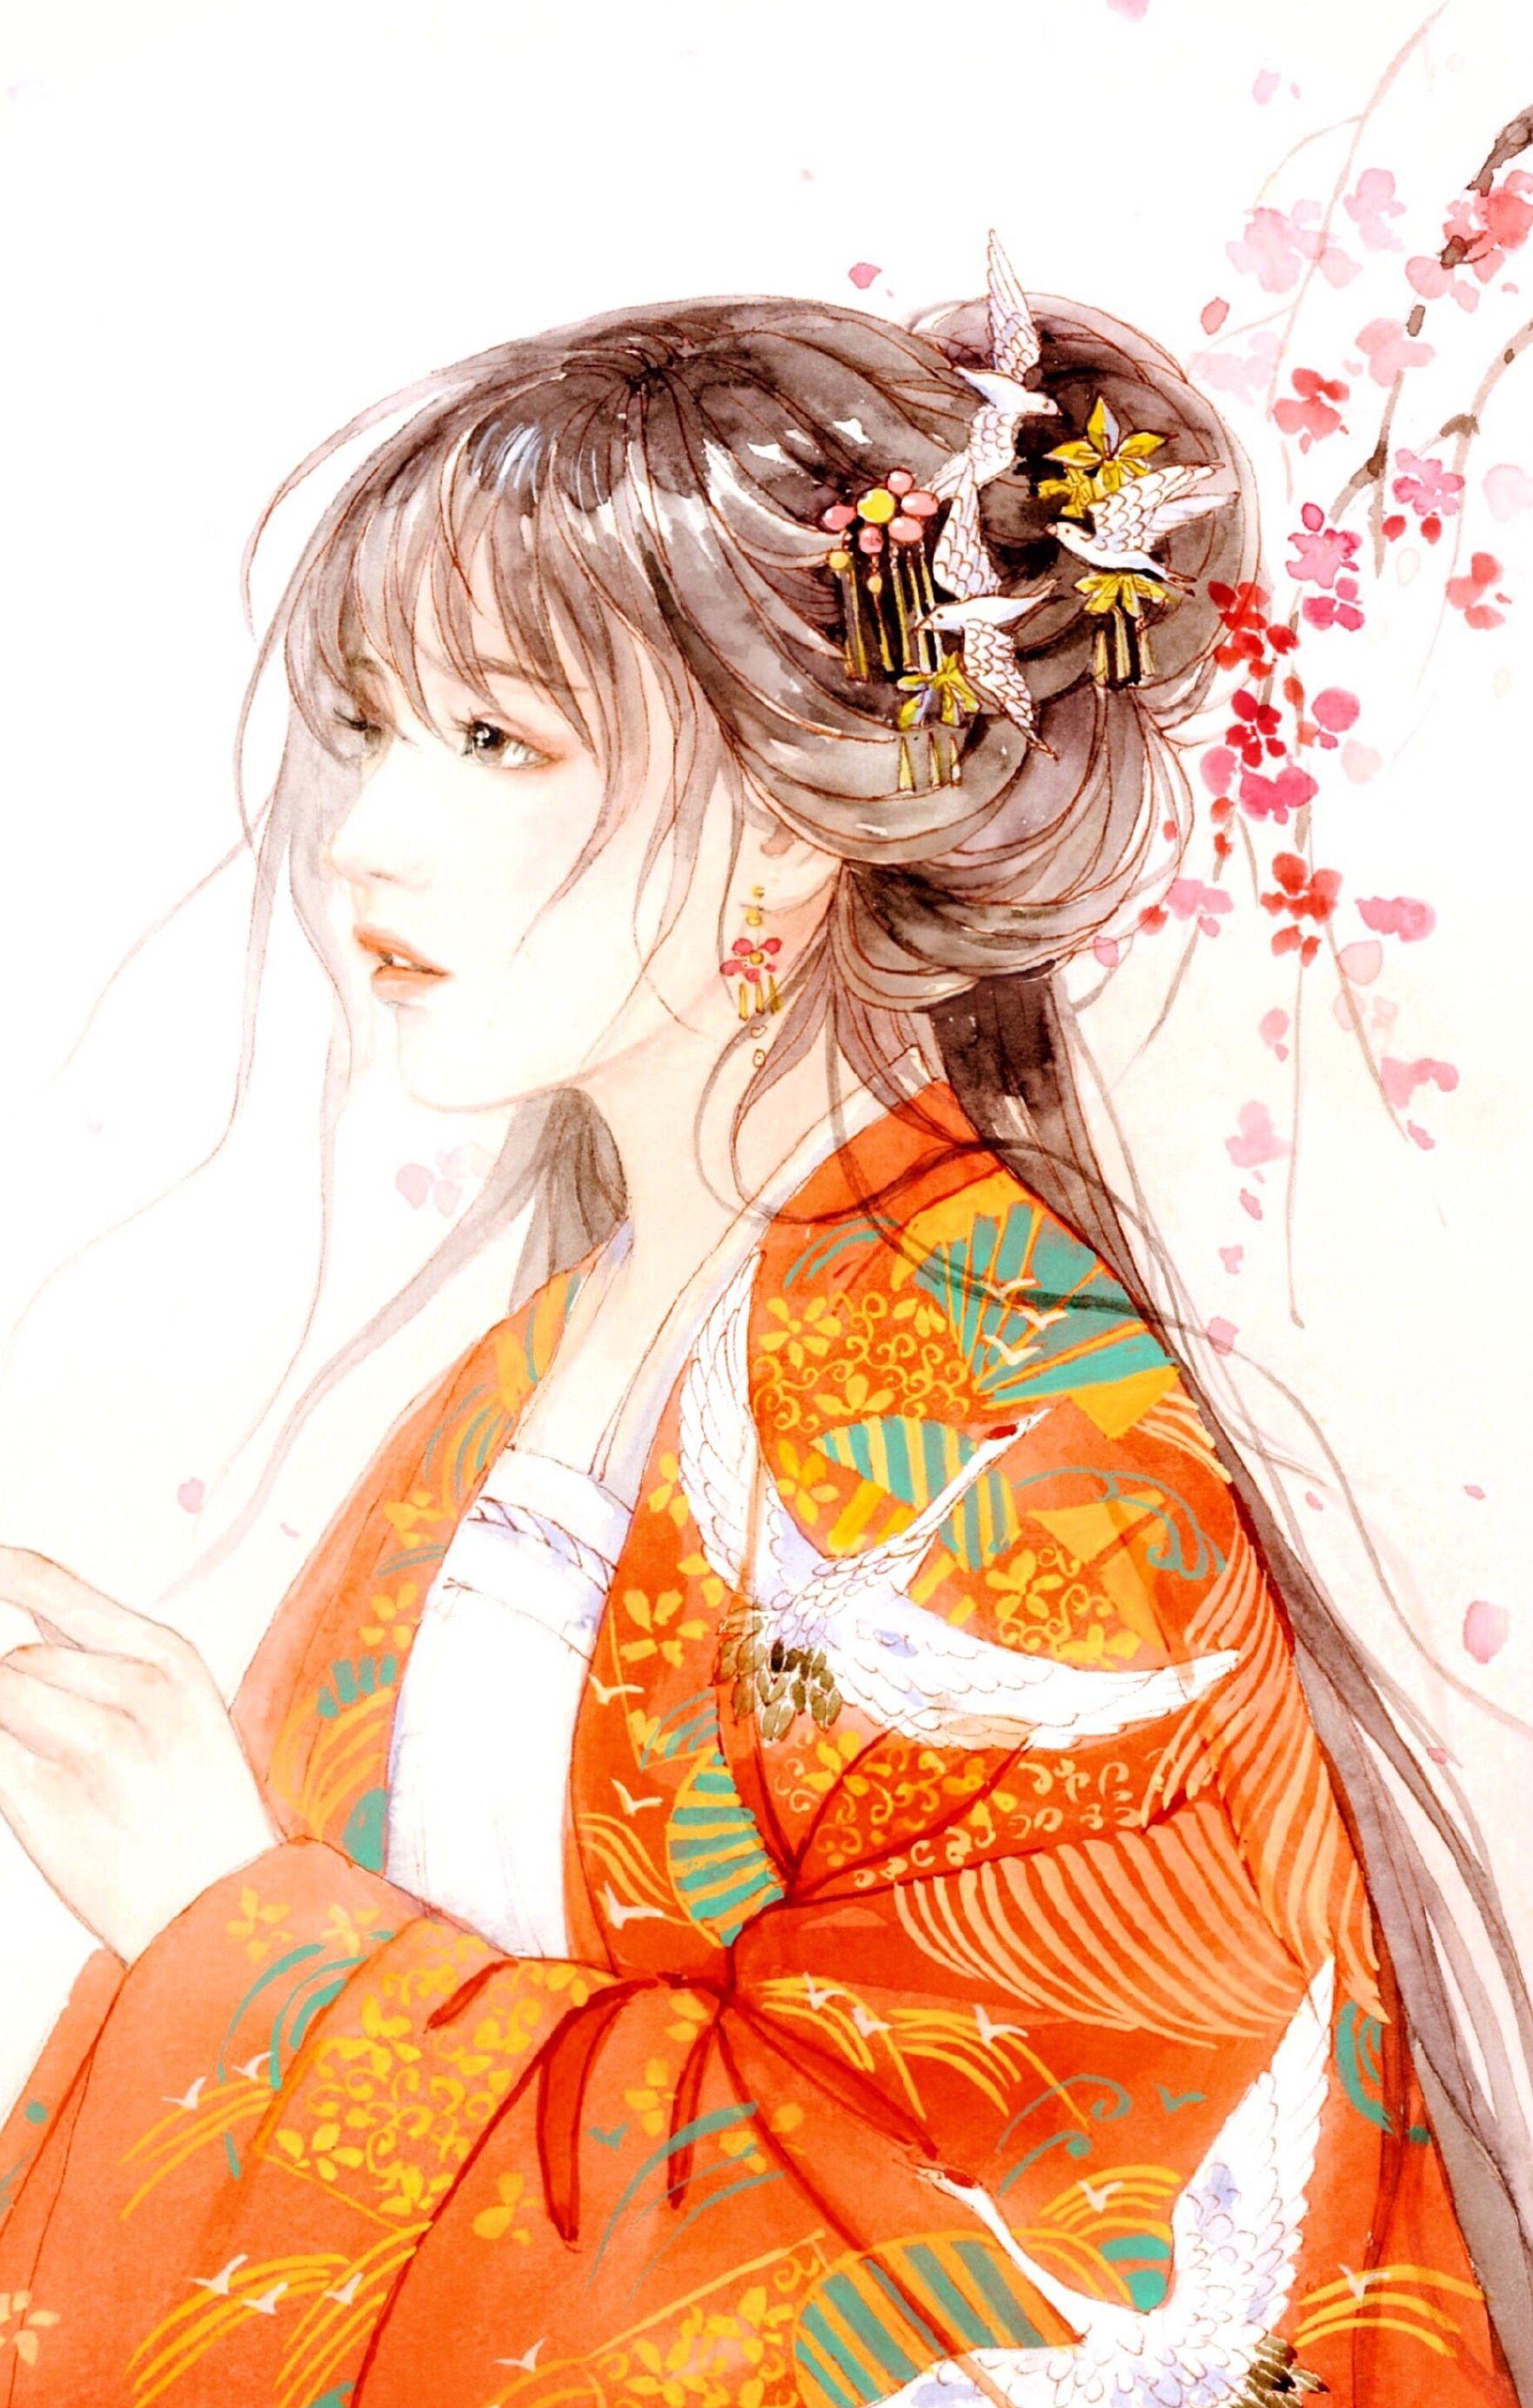 古风手绘女生美腻壁纸,我似秋叶,承载几许,荏苒华梦歇